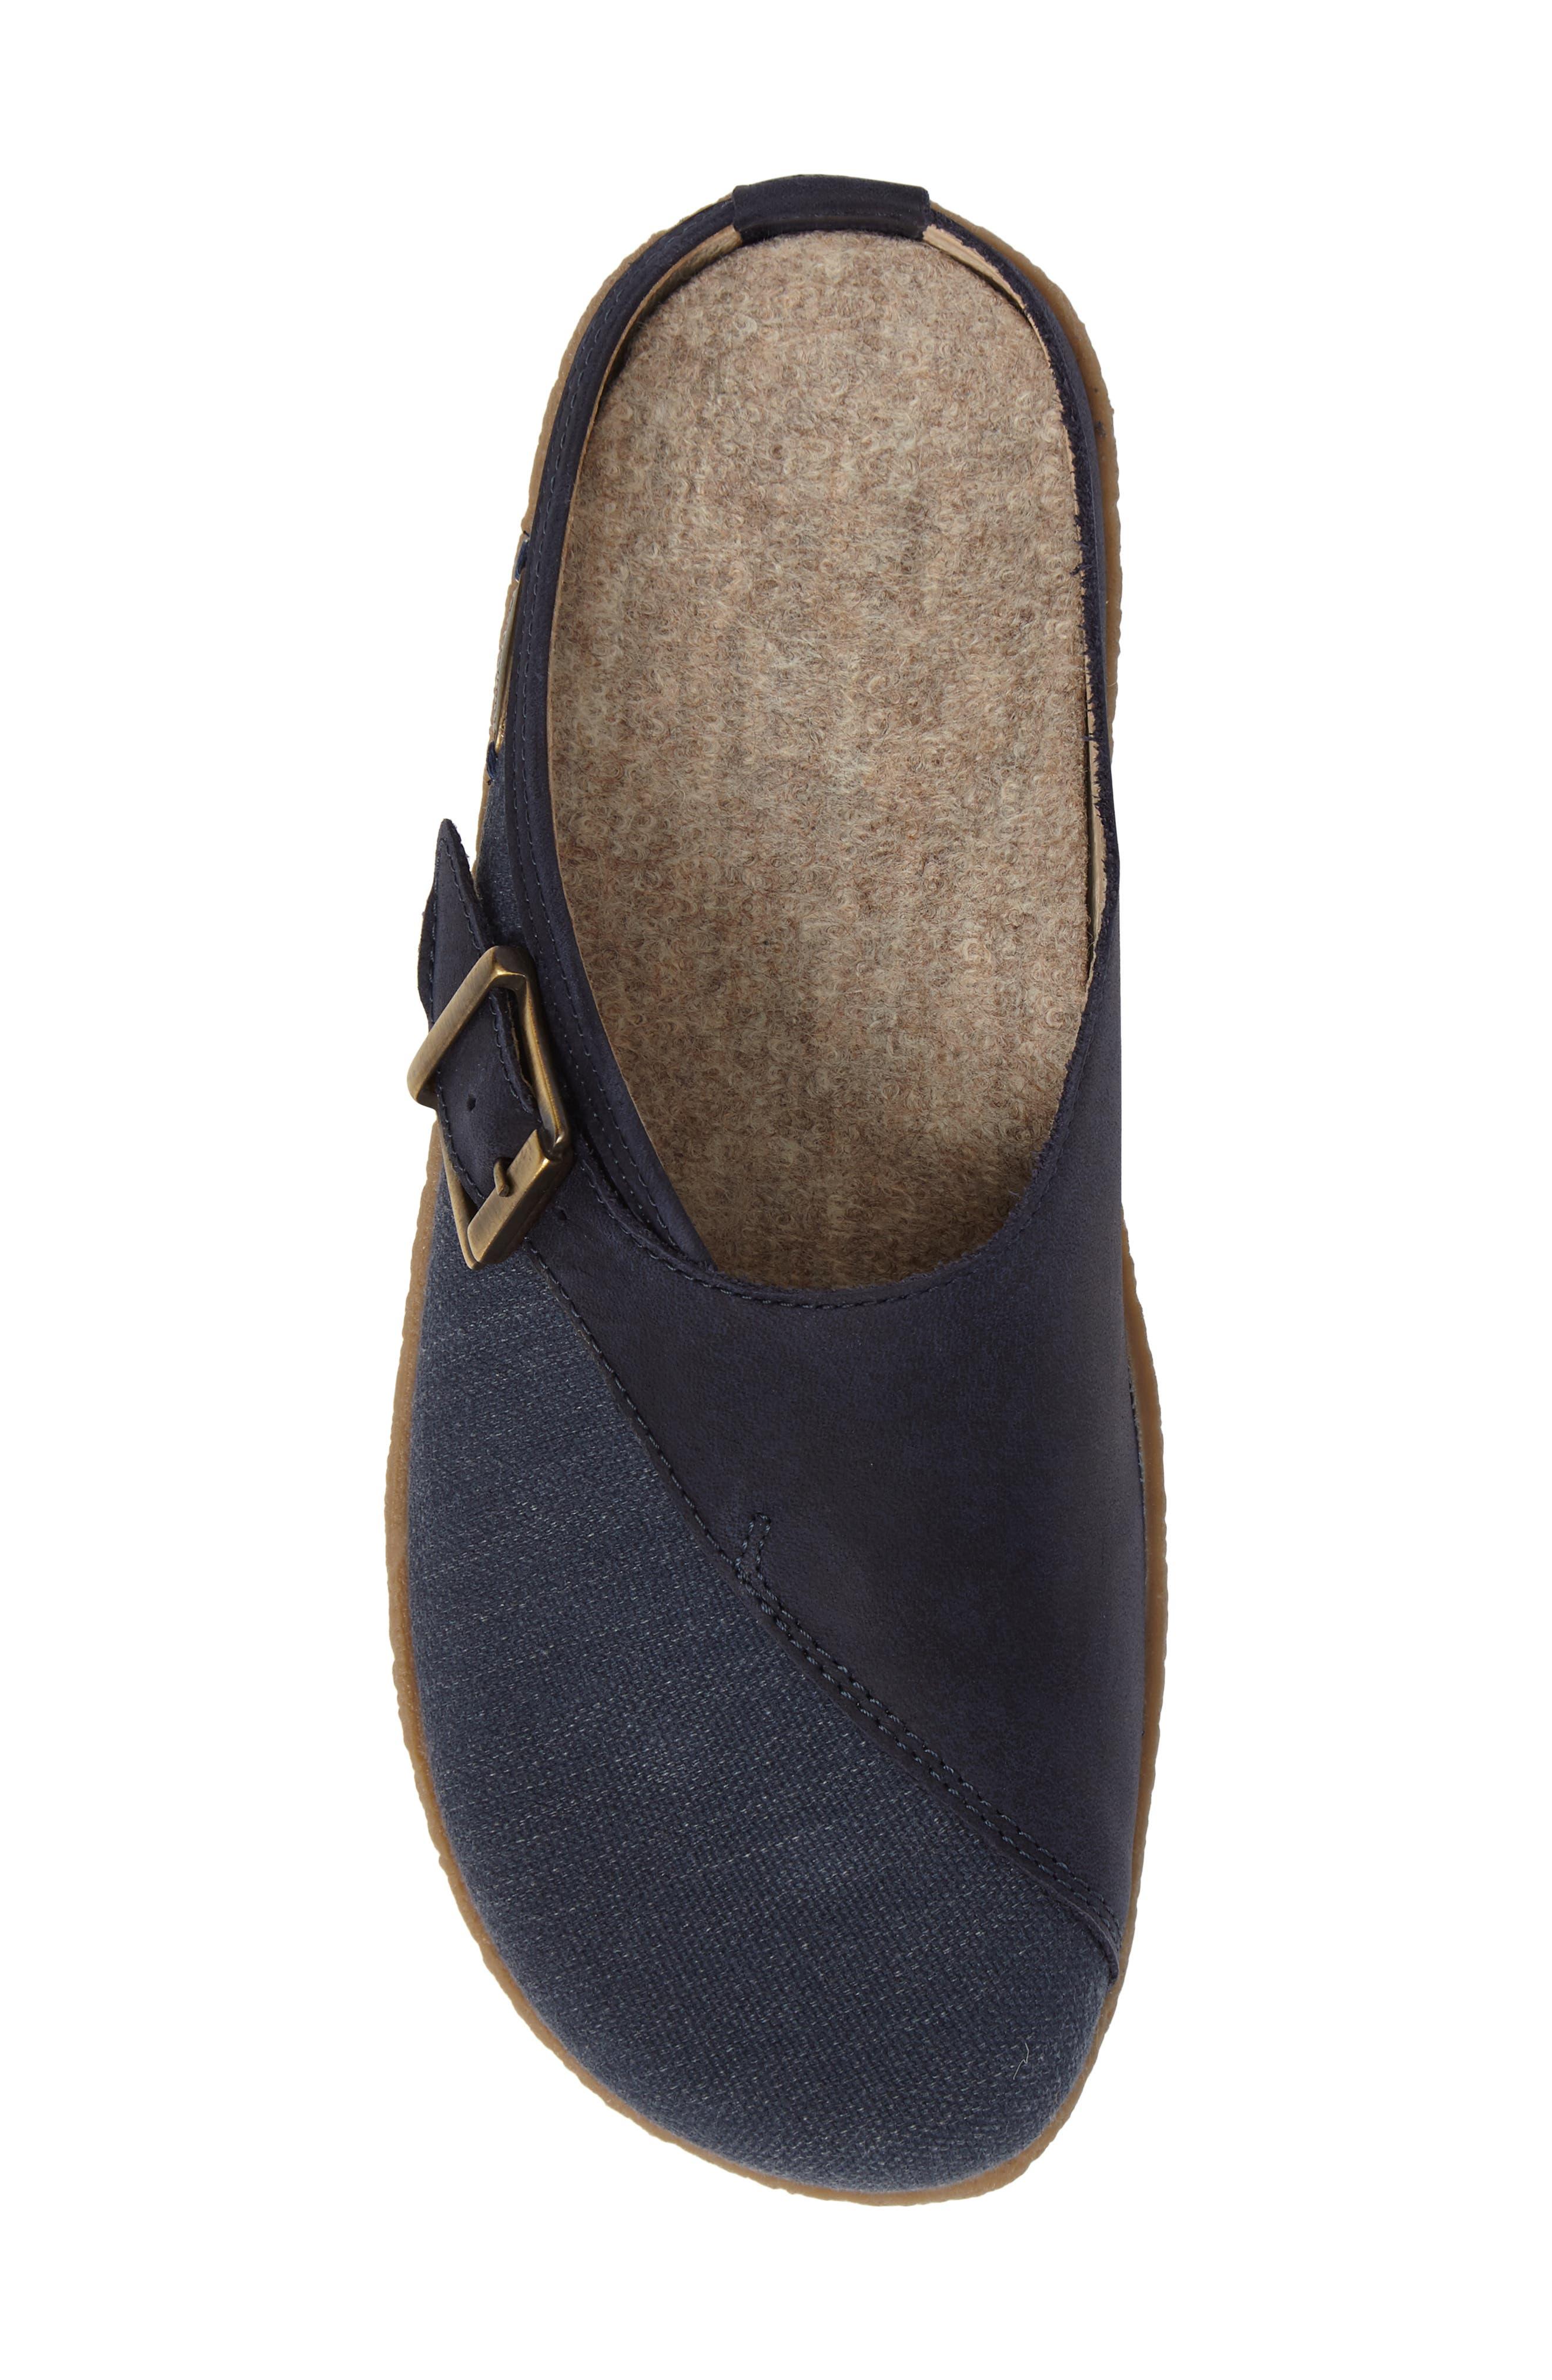 Radler Slipper Mule,                             Alternate thumbnail 5, color,                             Jeans Leather